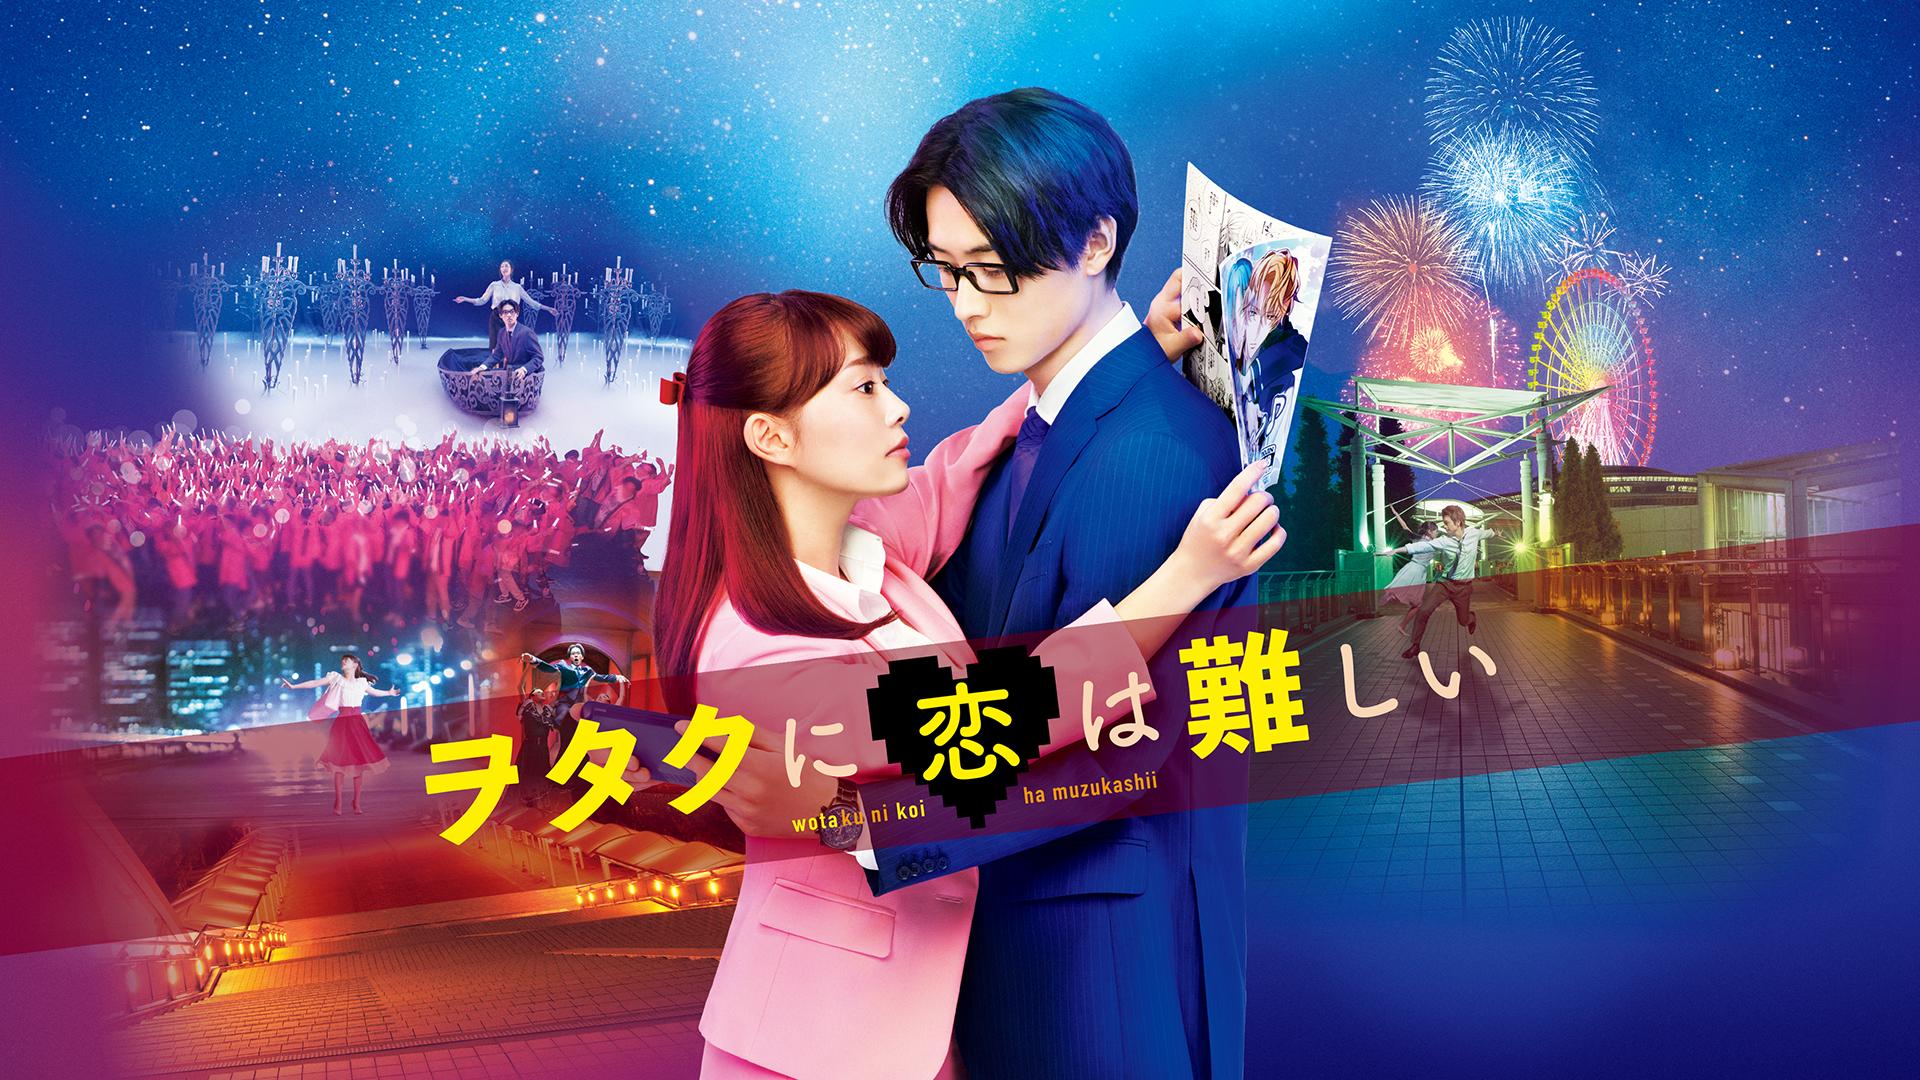 映画『ヲタクに恋は難しい(実写映画)』無料動画!フル視聴できる方法を調査!おすすめ動画配信サービスは?